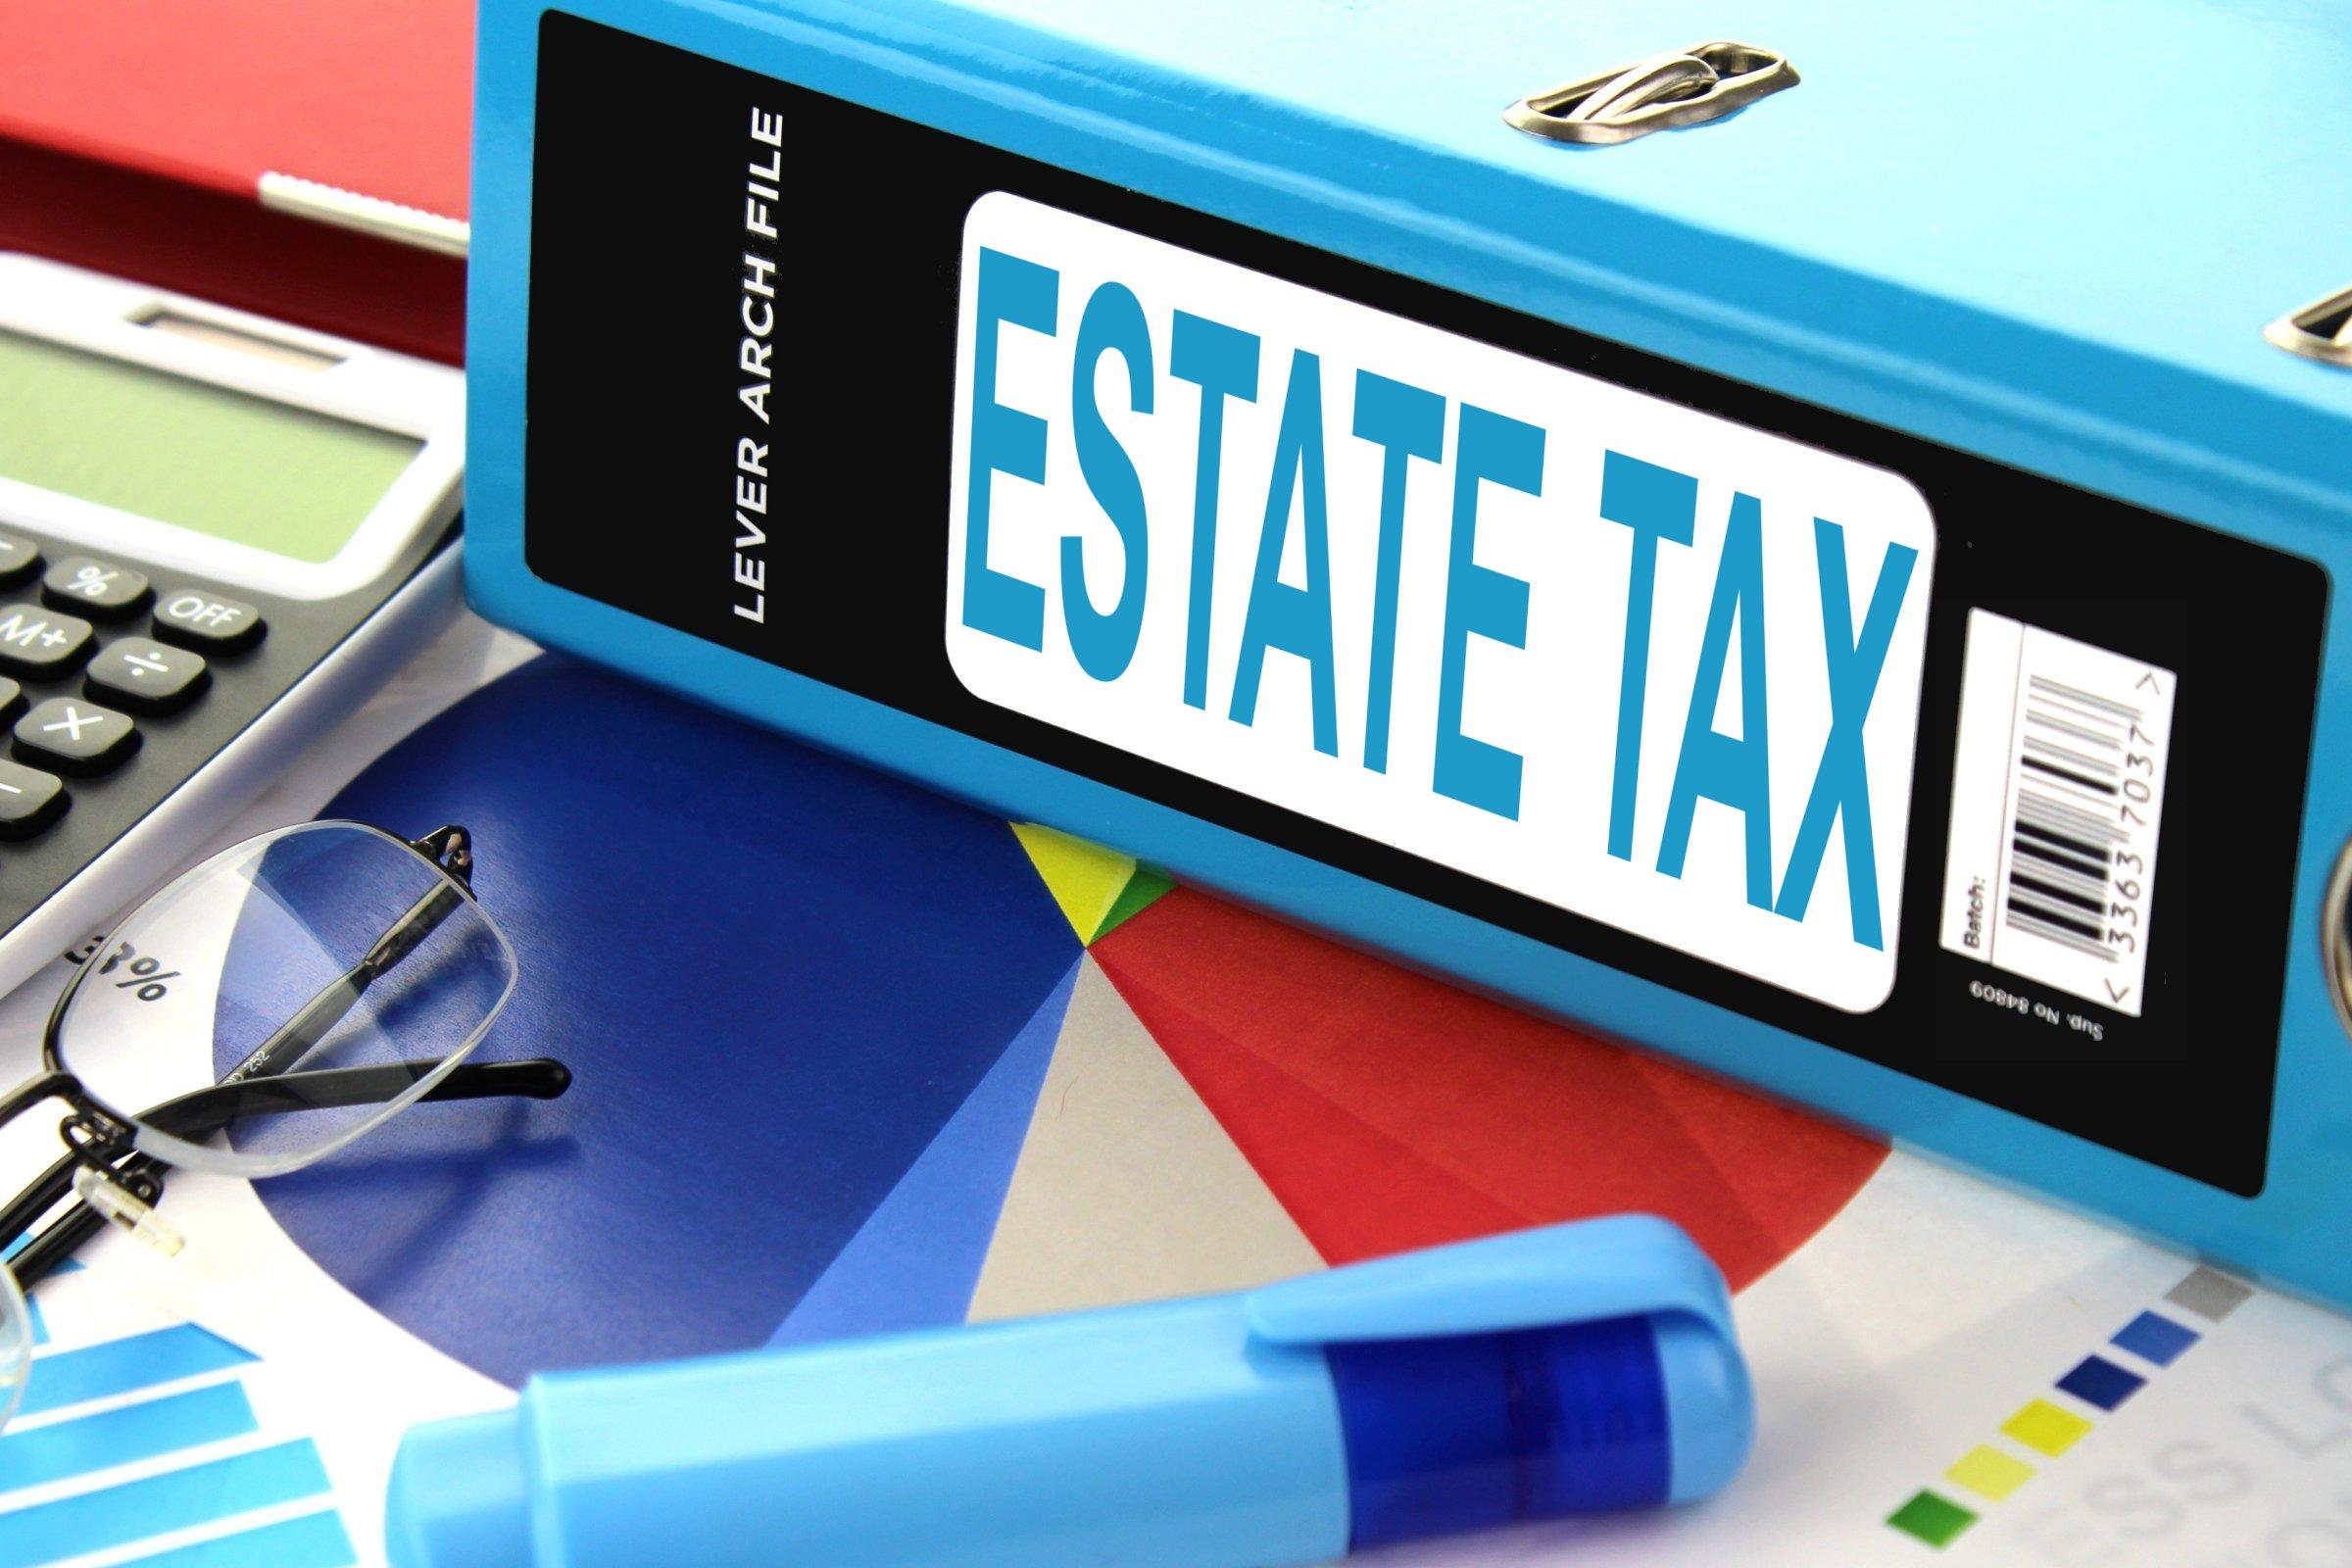 estate tax exemption 2020, estate tax exemption 2021, estate tax limit 2021